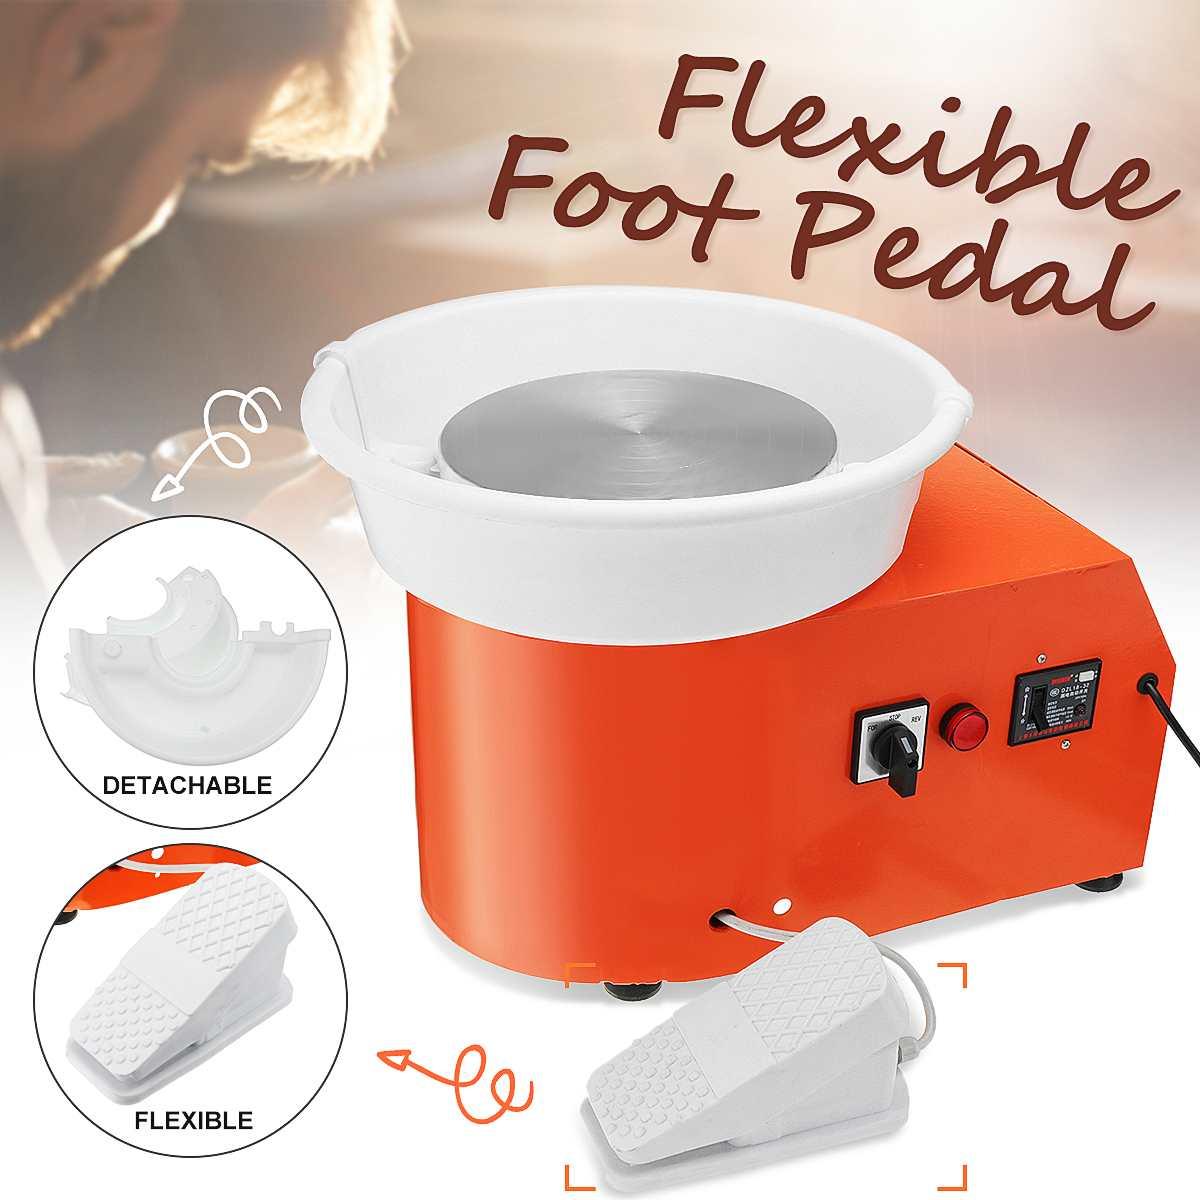 Poterie roue Machine céramique travail céramique argile pour travaux pratiques outil Art avec pédale Flexible 220 V AU Plug 350 W détachable formant